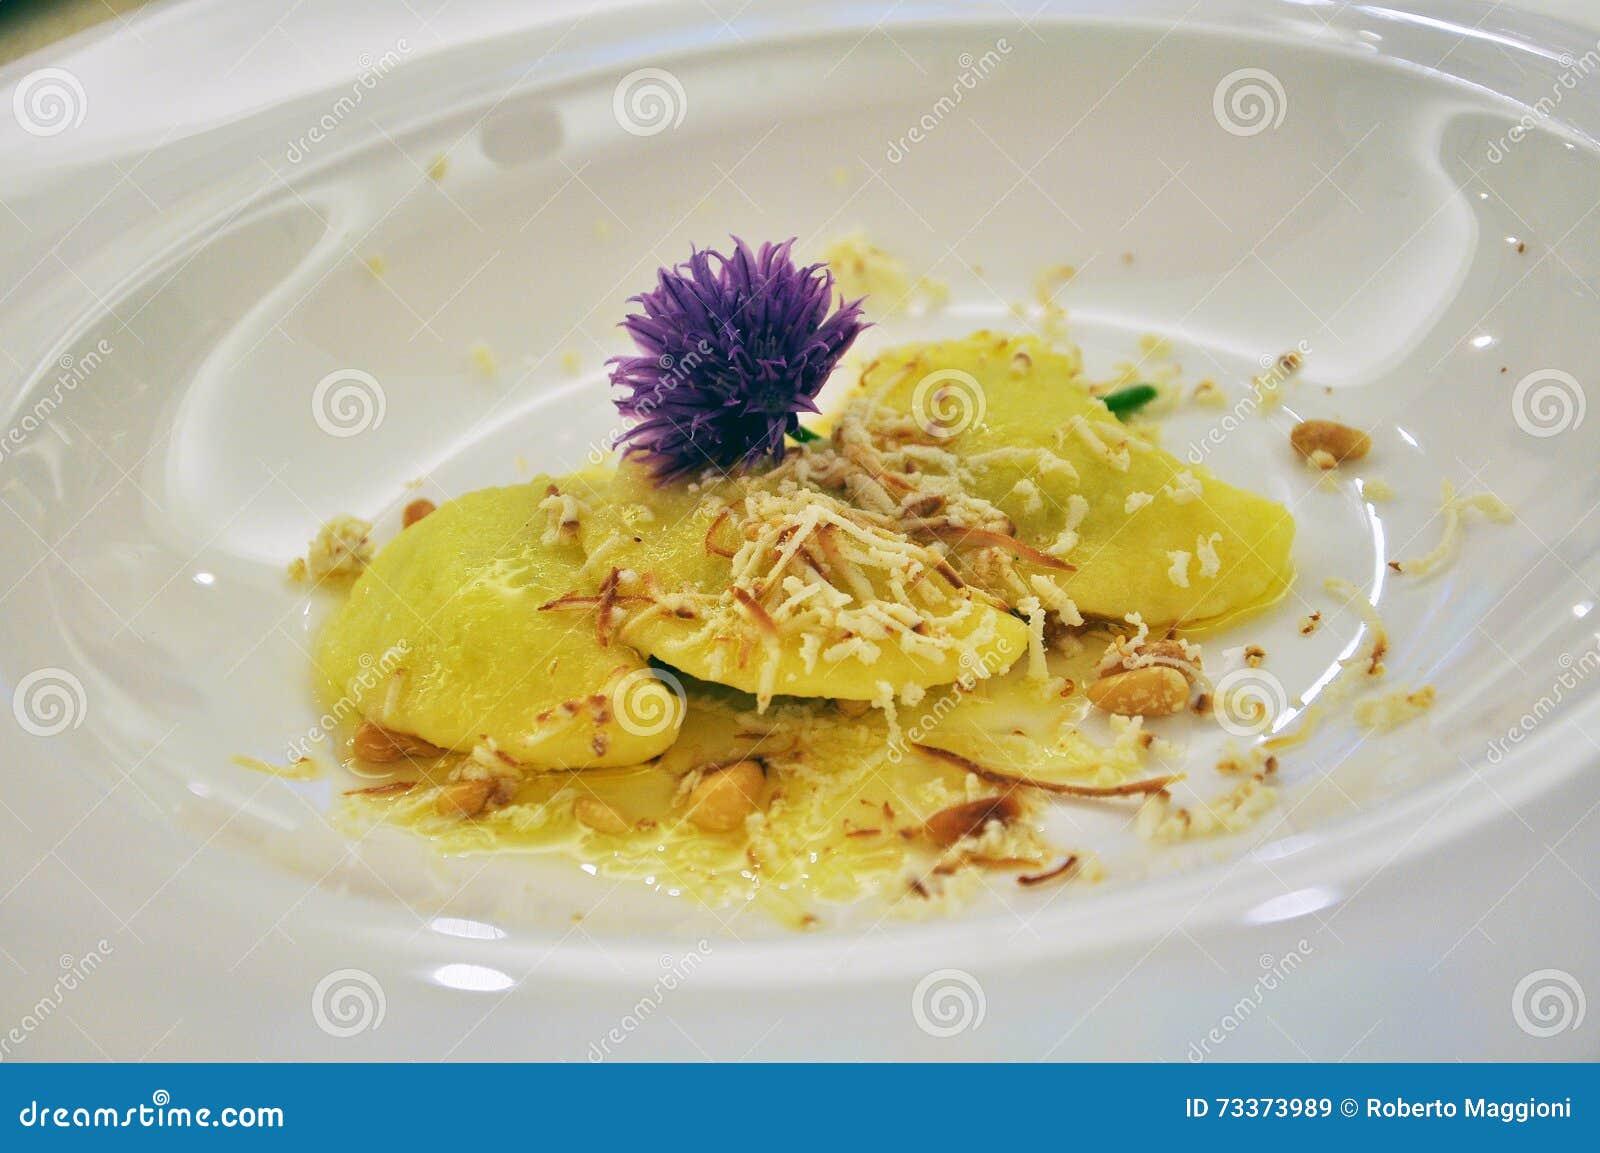 Cucina regionale le ricette toscane dal cacciucco alla livornese